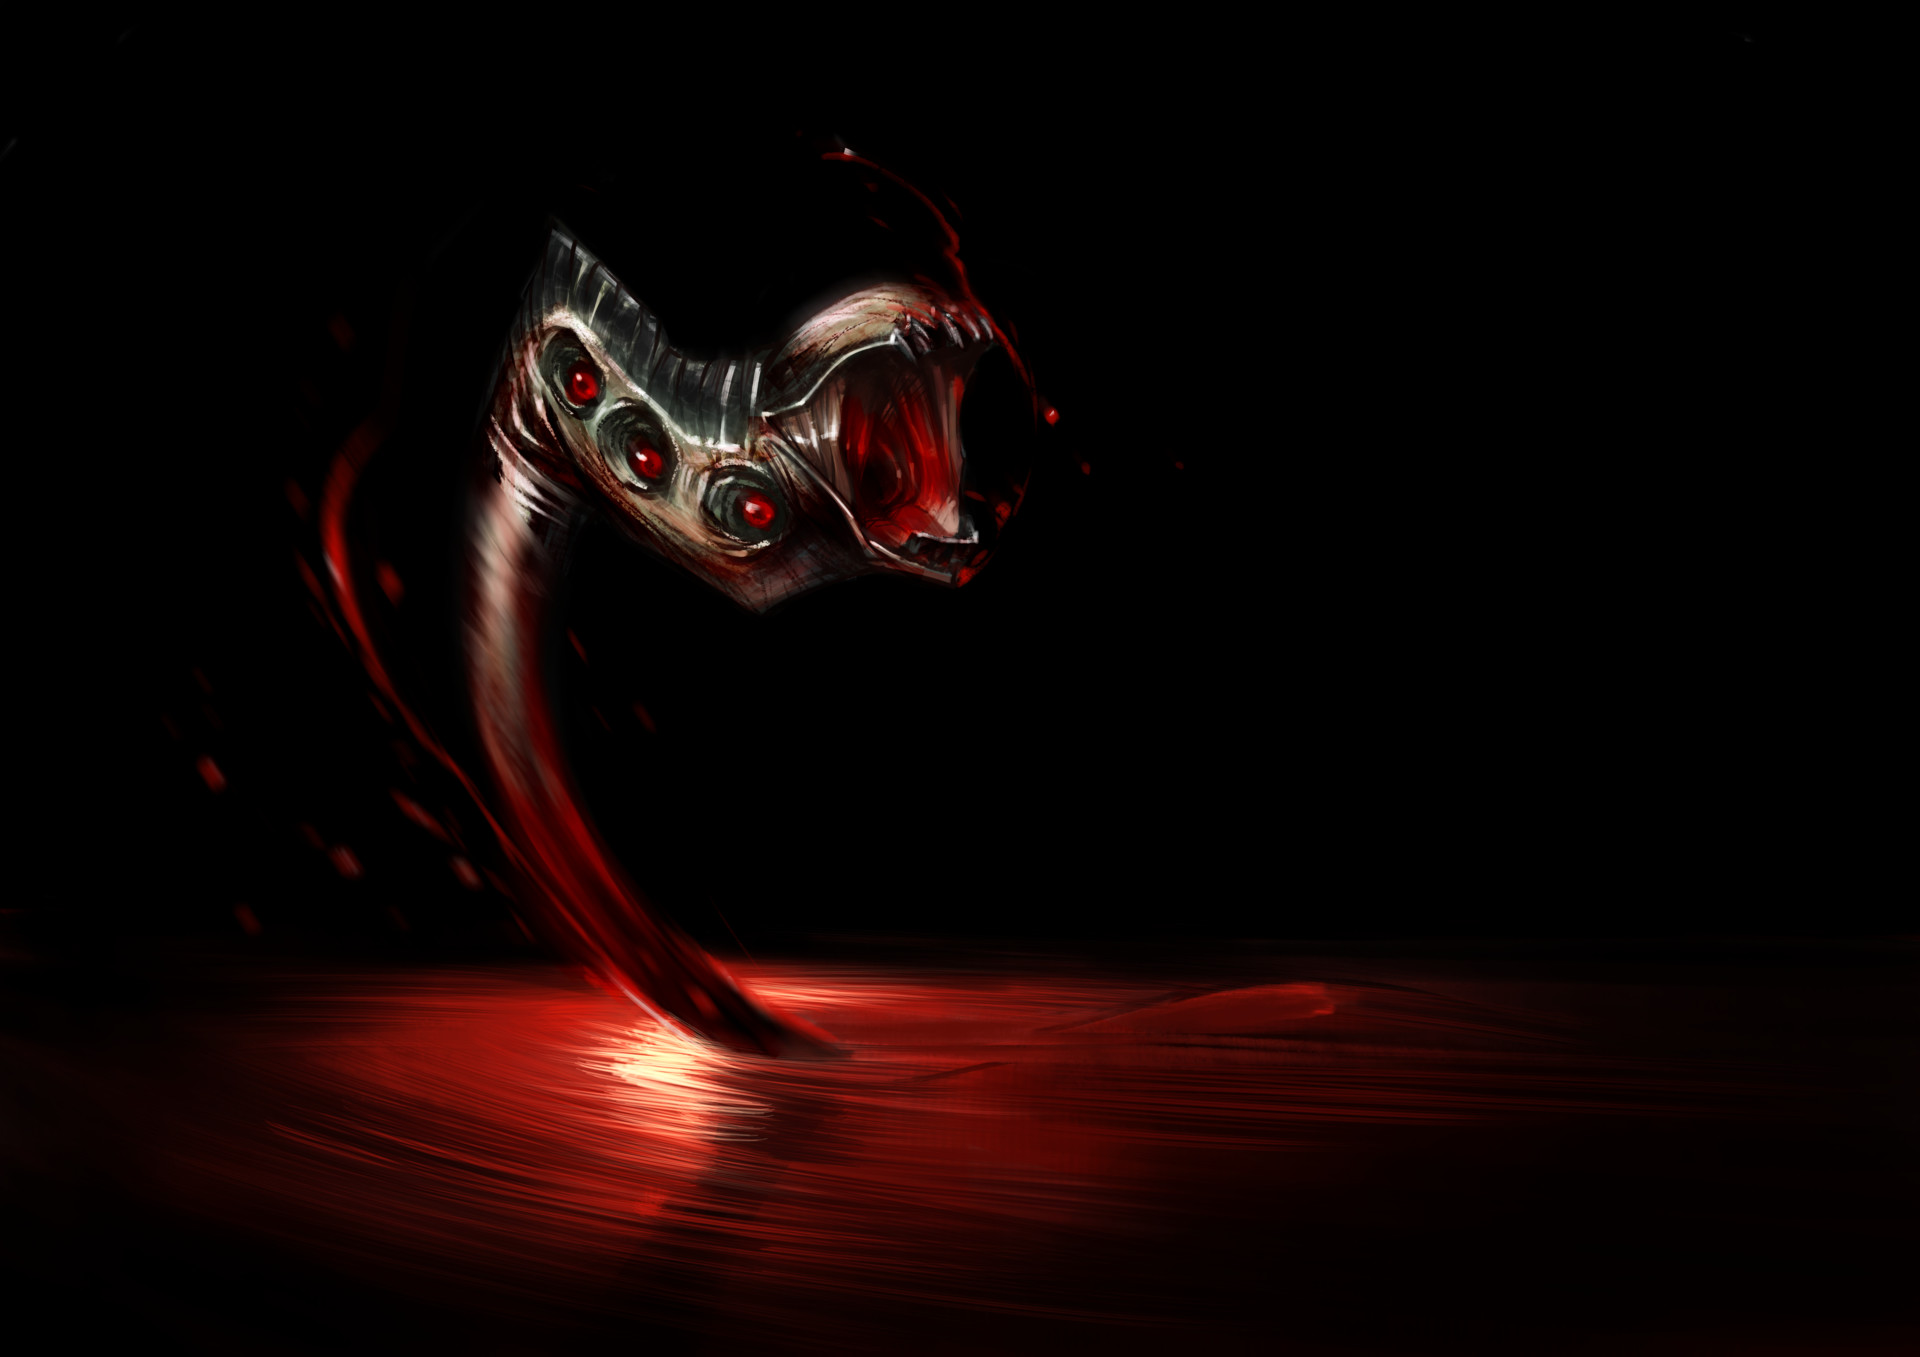 Jerome brulin blood snake